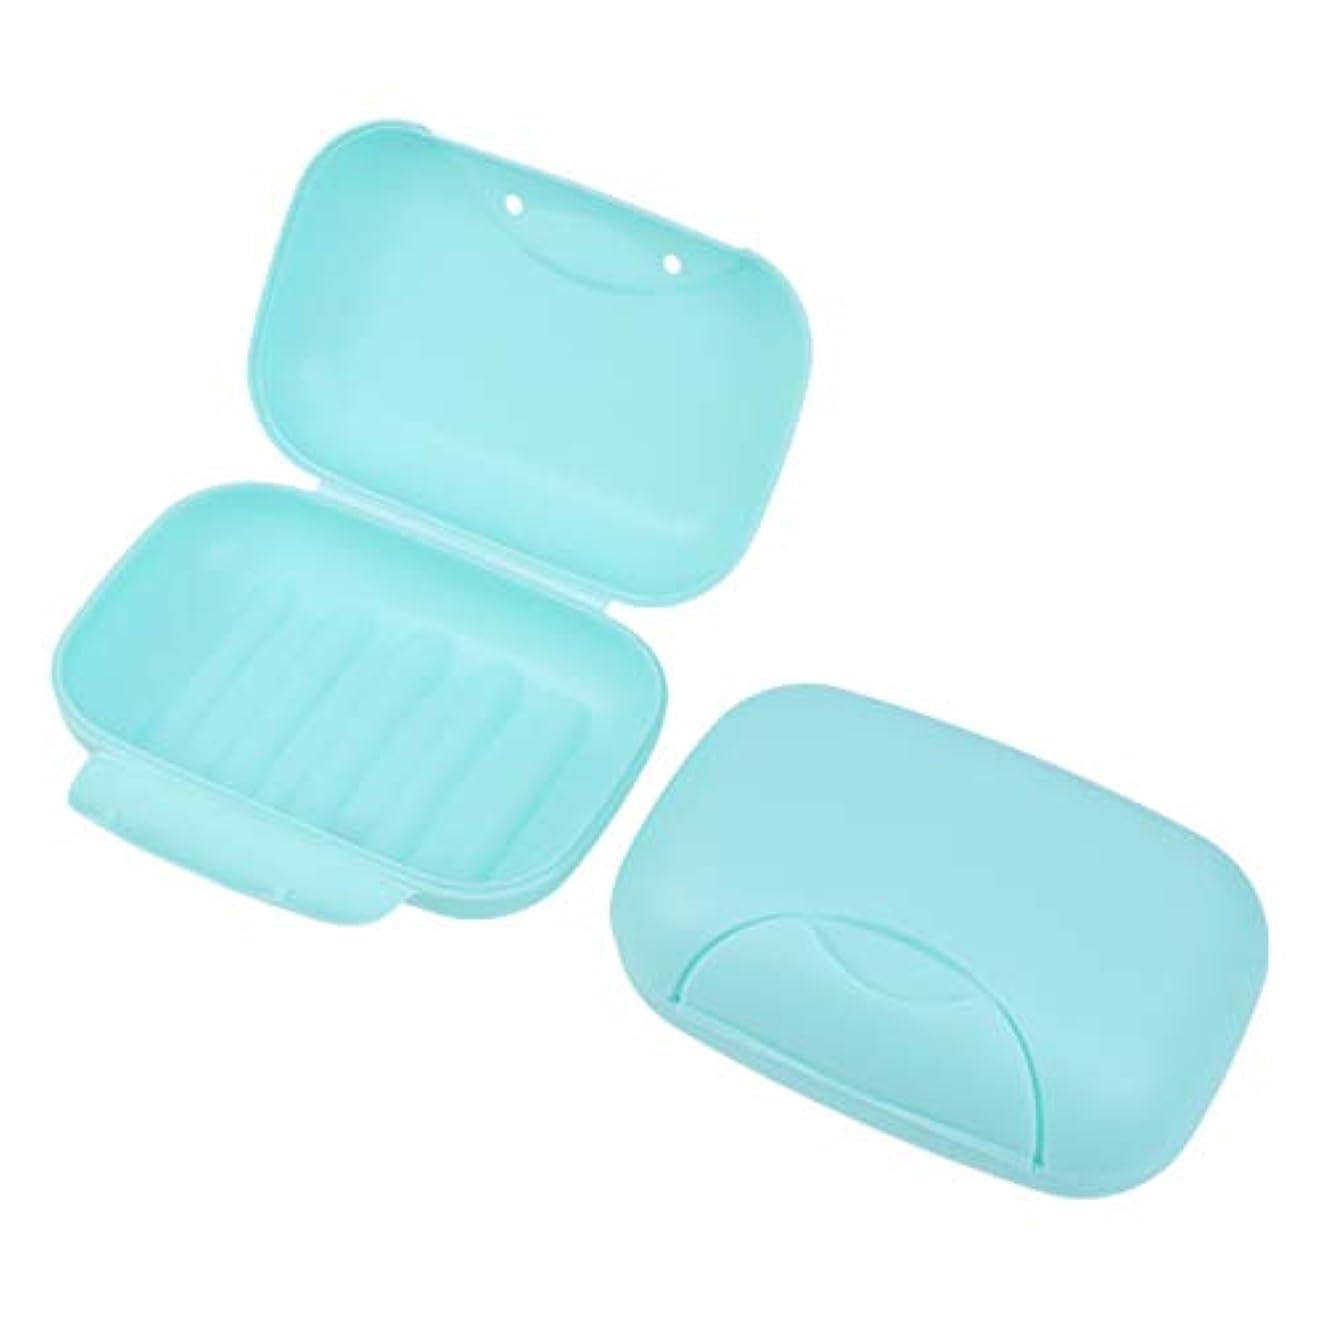 参照する預言者ブレークHealifty 旅行用ソープボックス防水石鹸皿ソープホルダー2個(青)